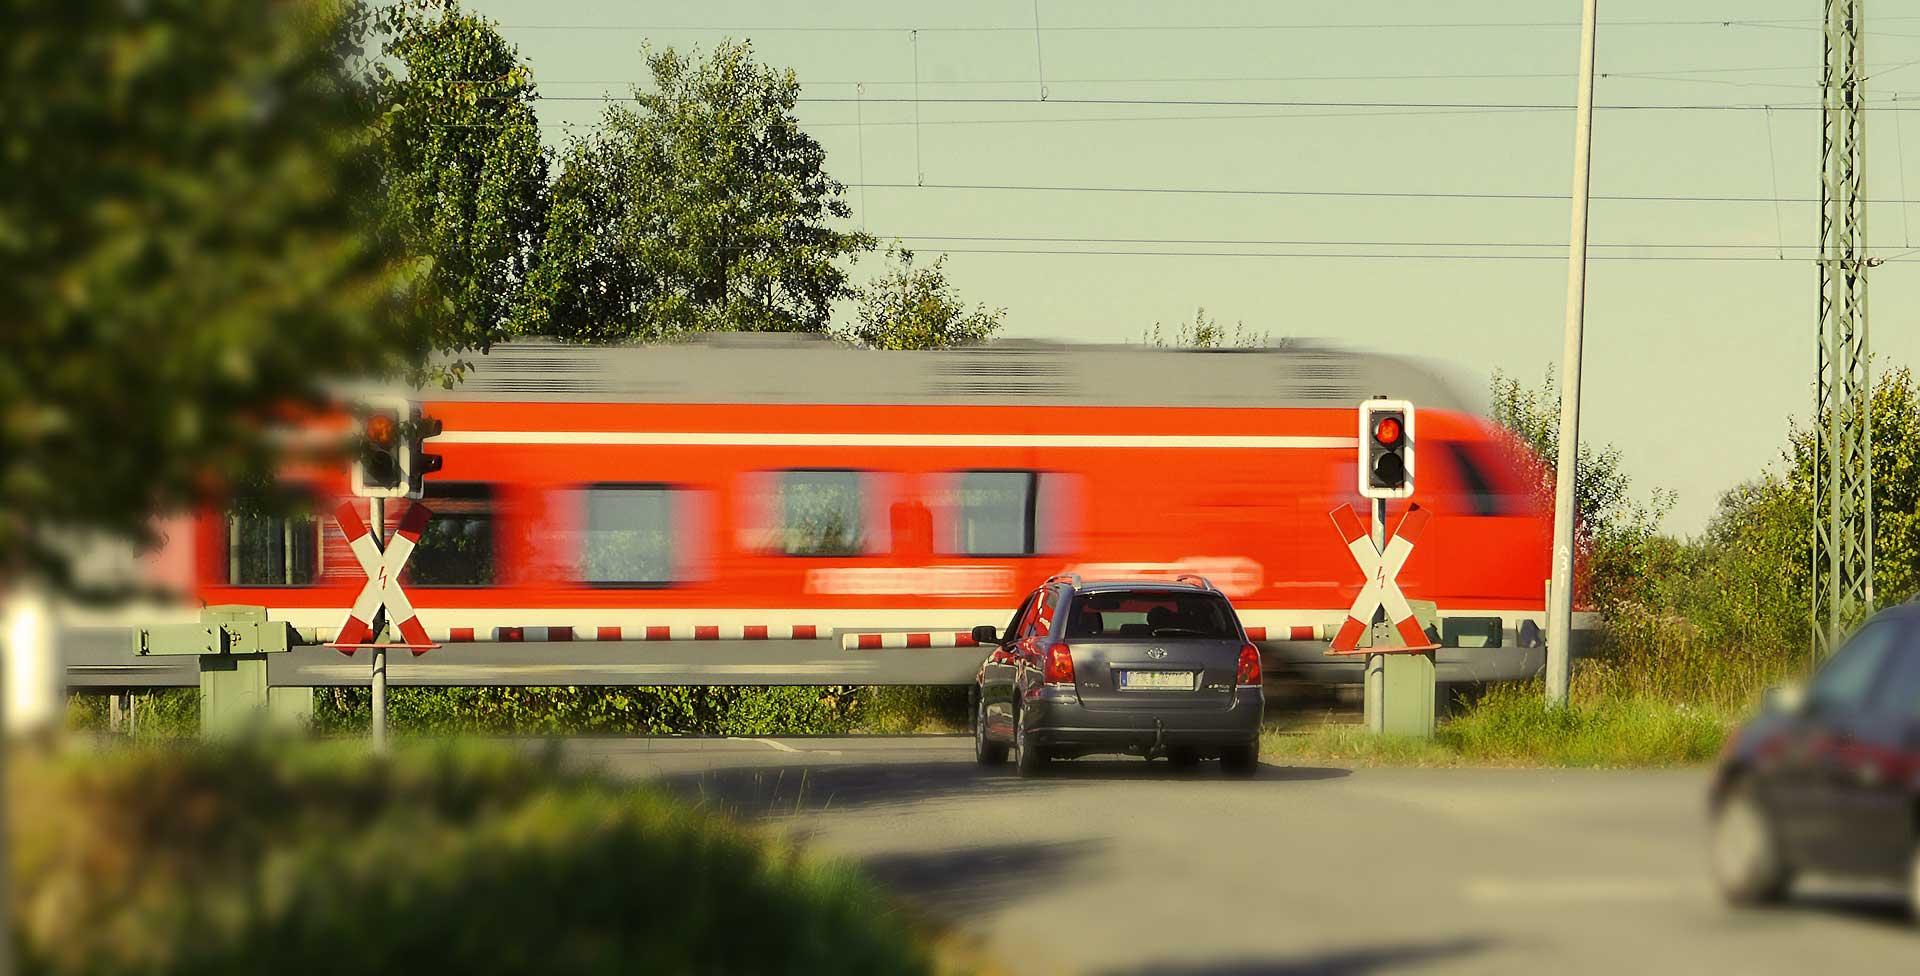 Moja bezpieczna droga doszkoły – bezpiecznie naprzejazdach kolejowych – II etap